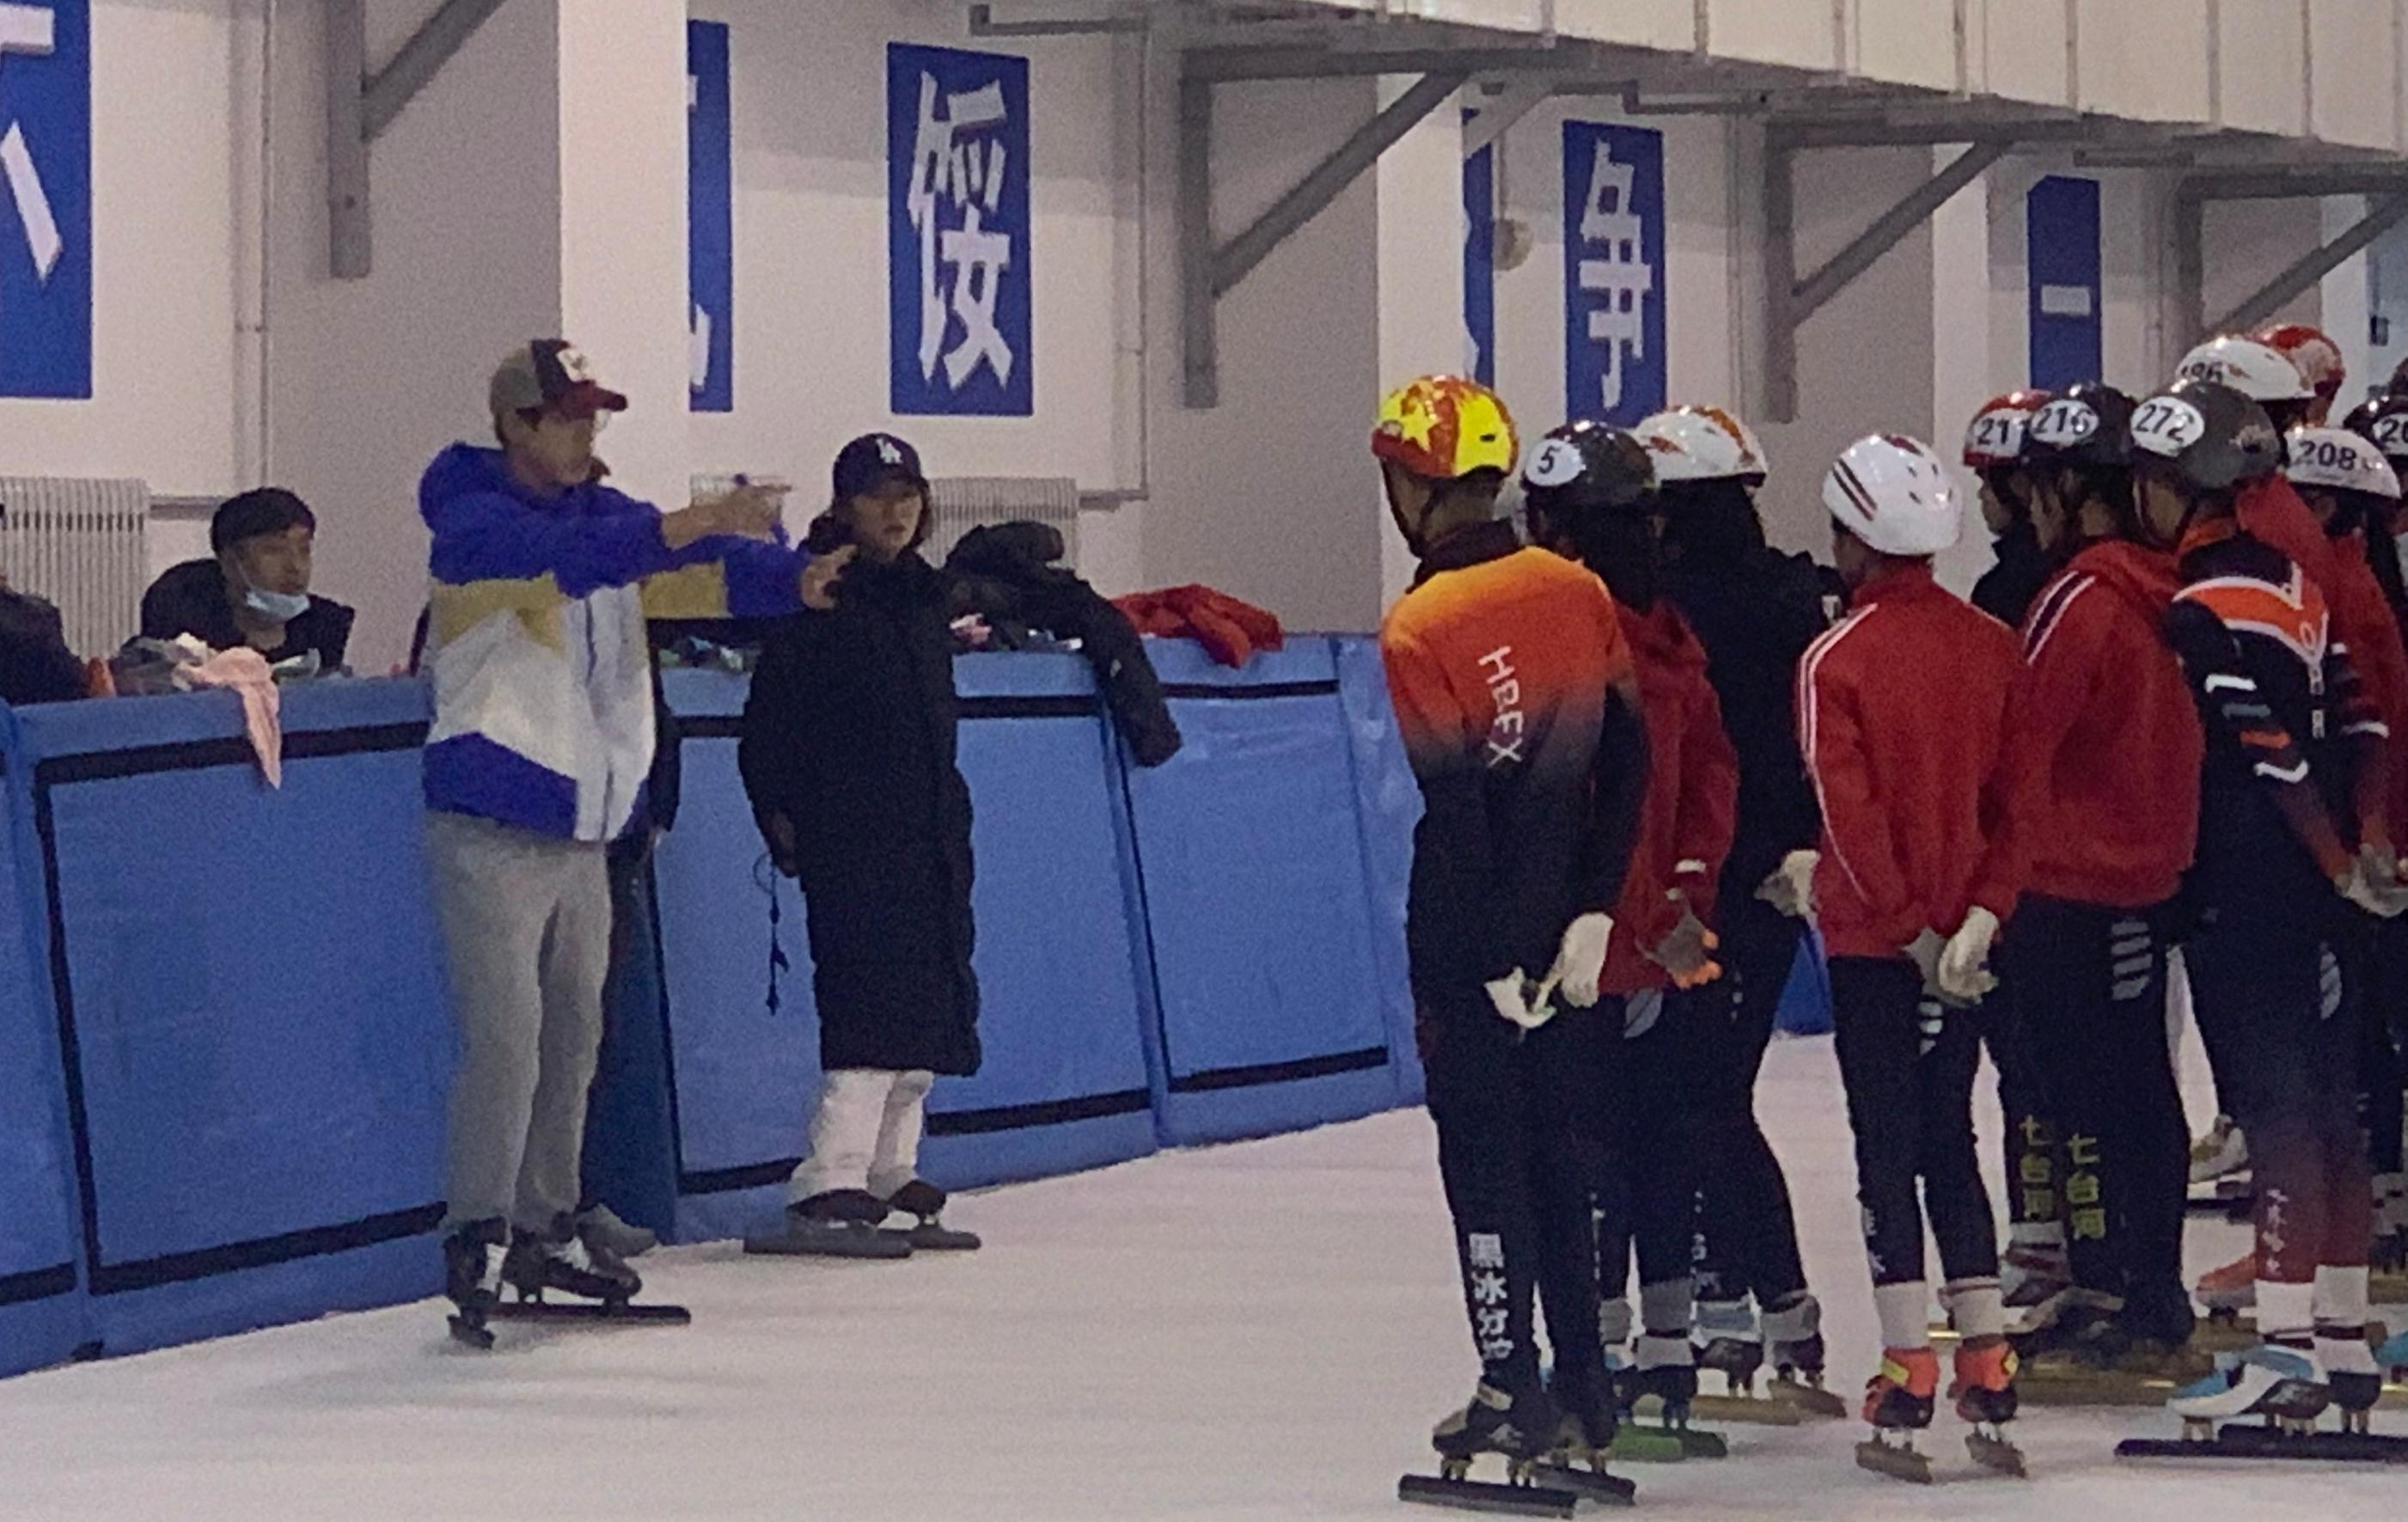 李成勋在七台河速滑馆指导队员训练